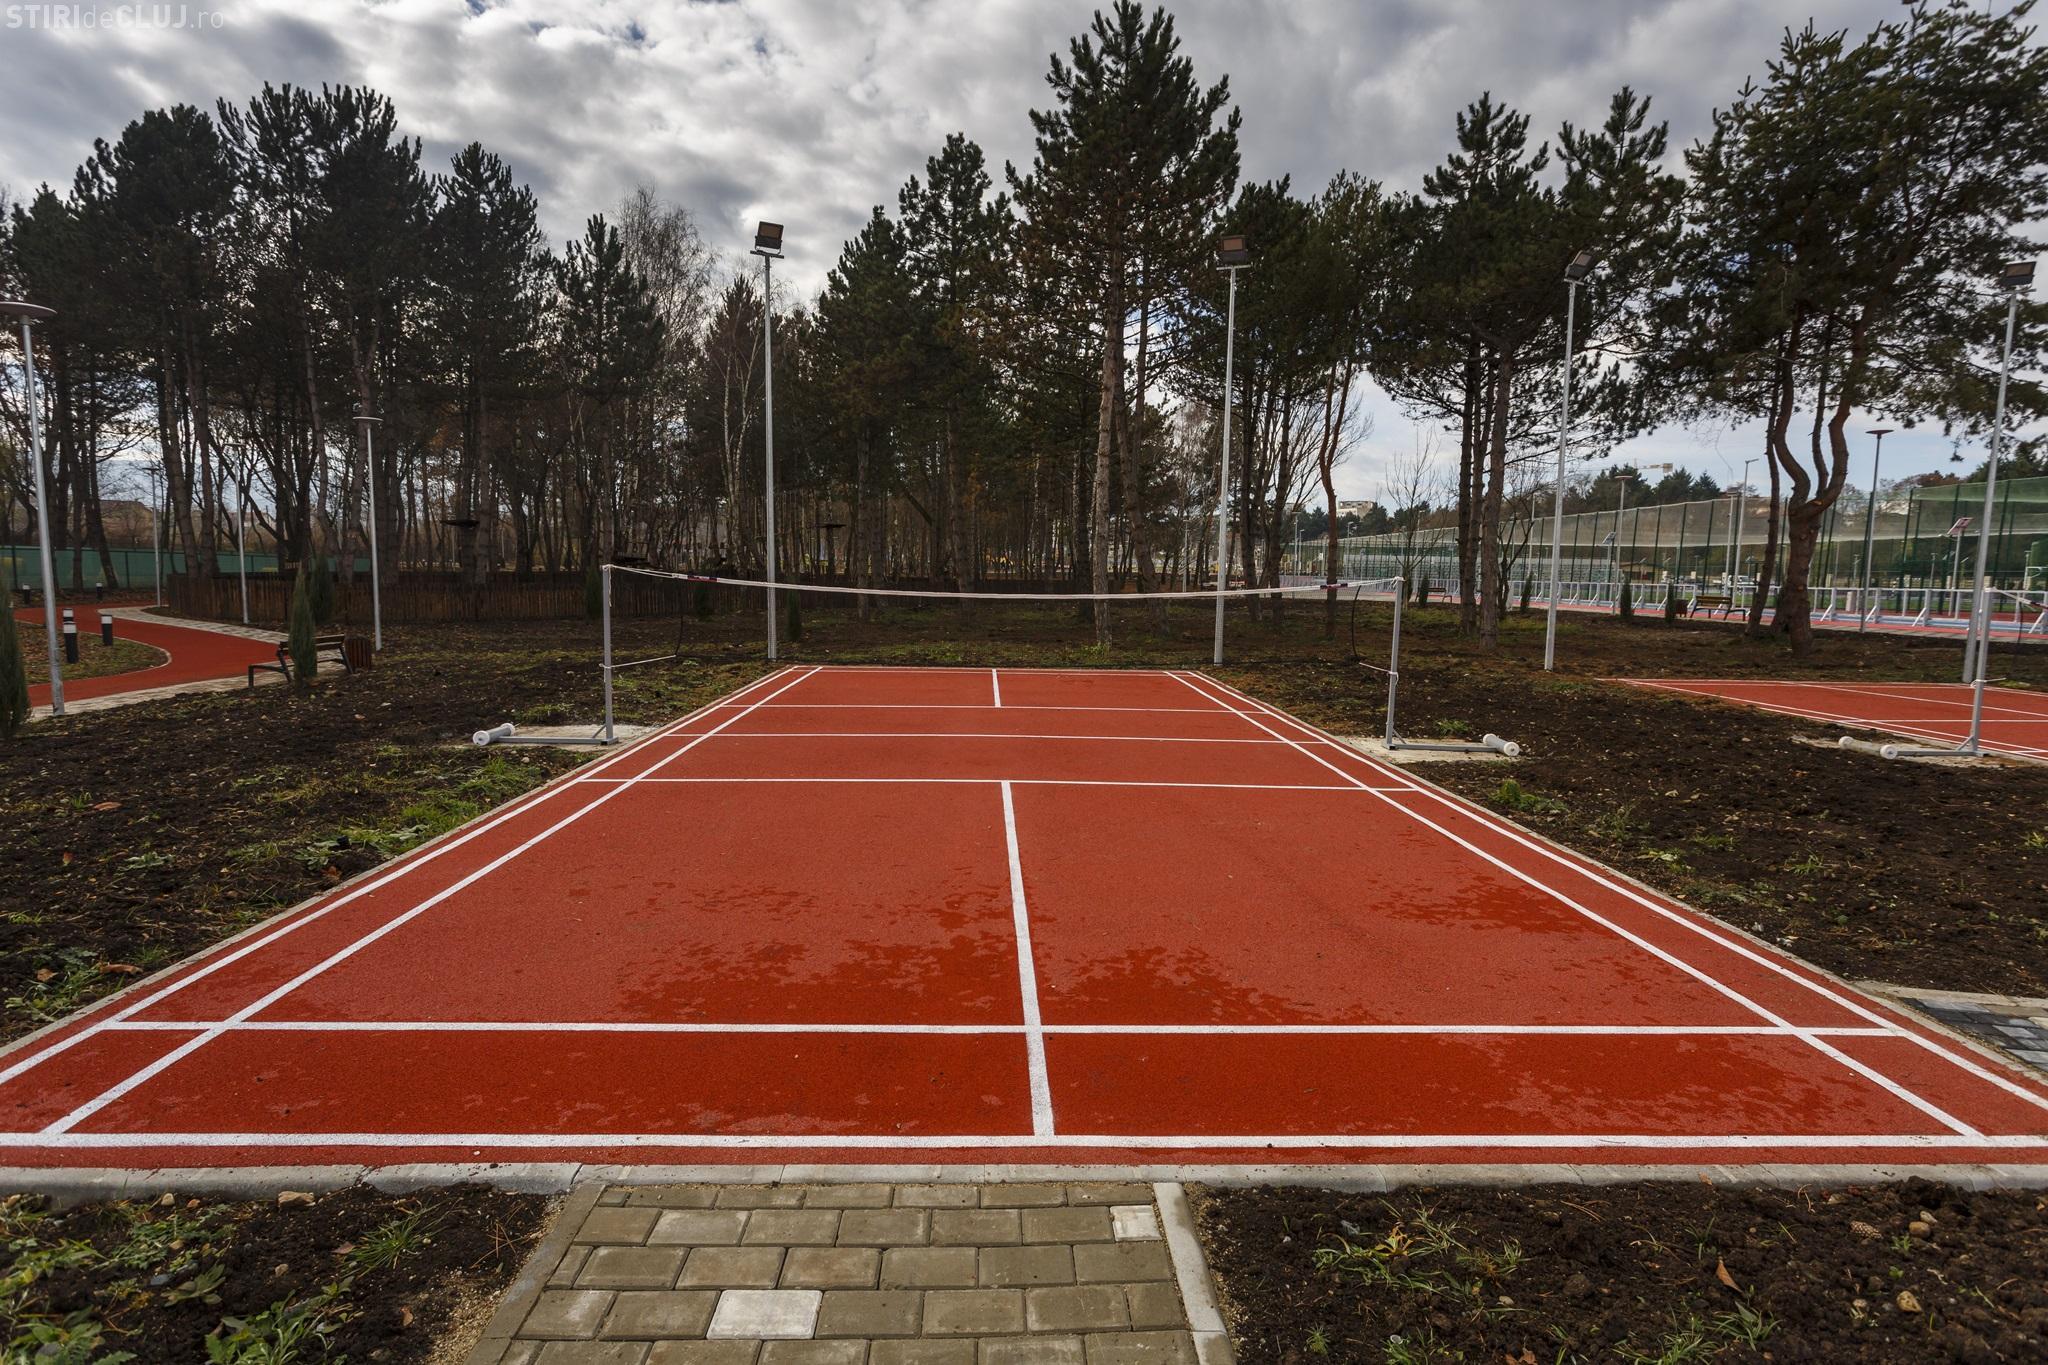 Reclamație privind Baza Sportivă din Gheorgheni: Unii monopolizează terenurile de tenis